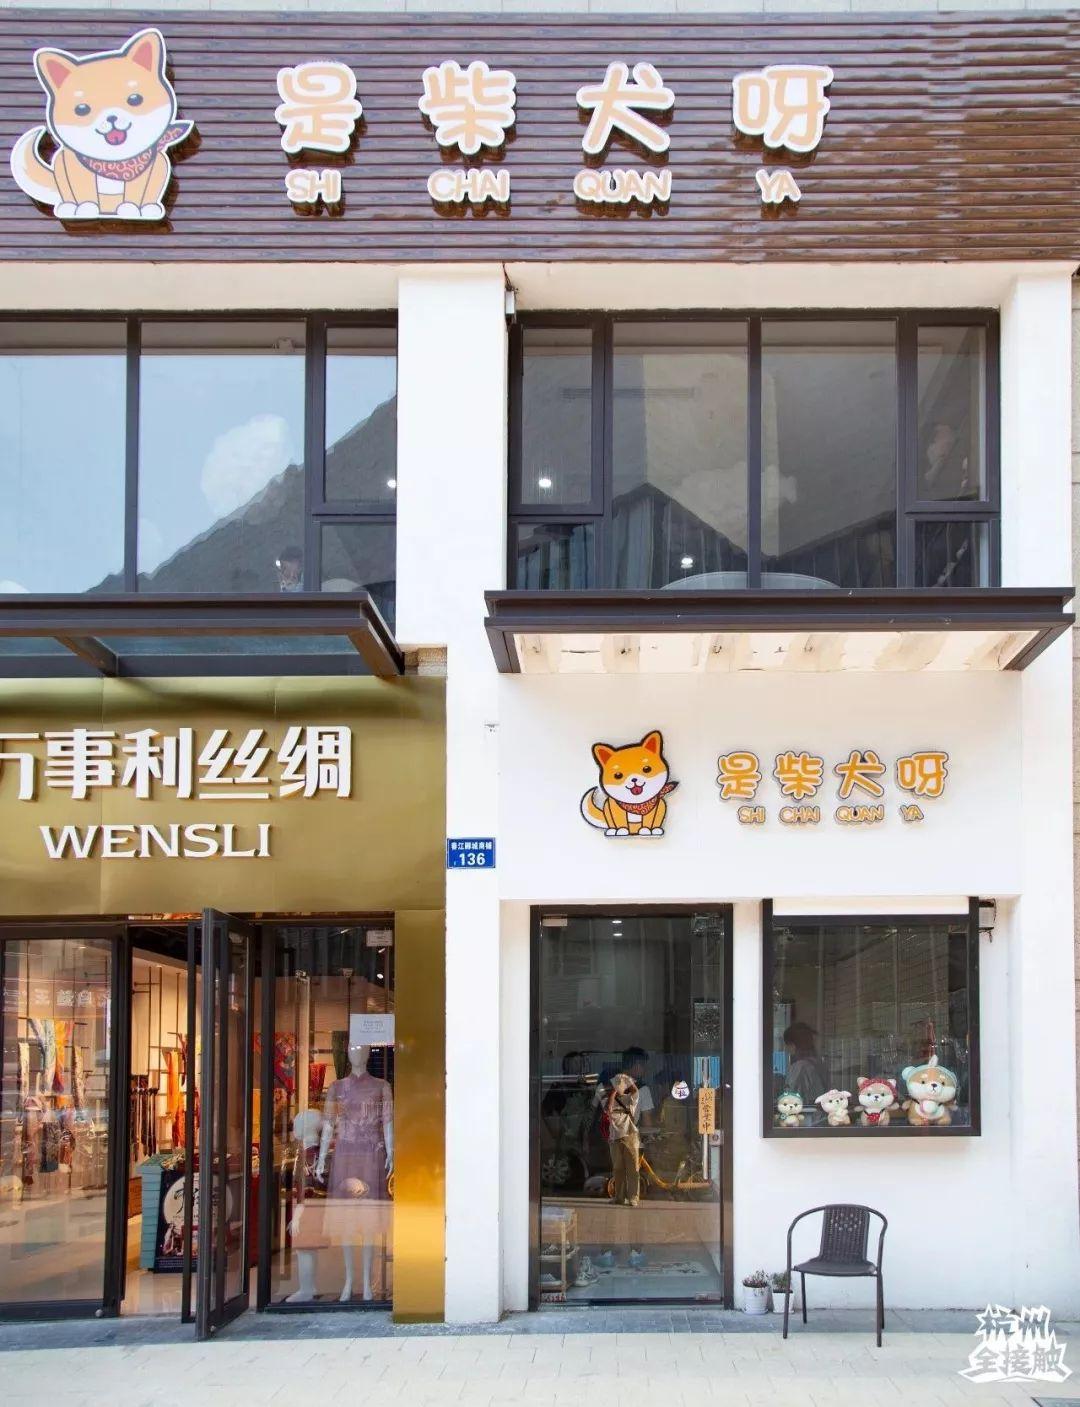 火遍杭州的「柴犬咖啡厅」来日本啦,8只柴犬1只柯基撸高中!素材到爽人物作文图片